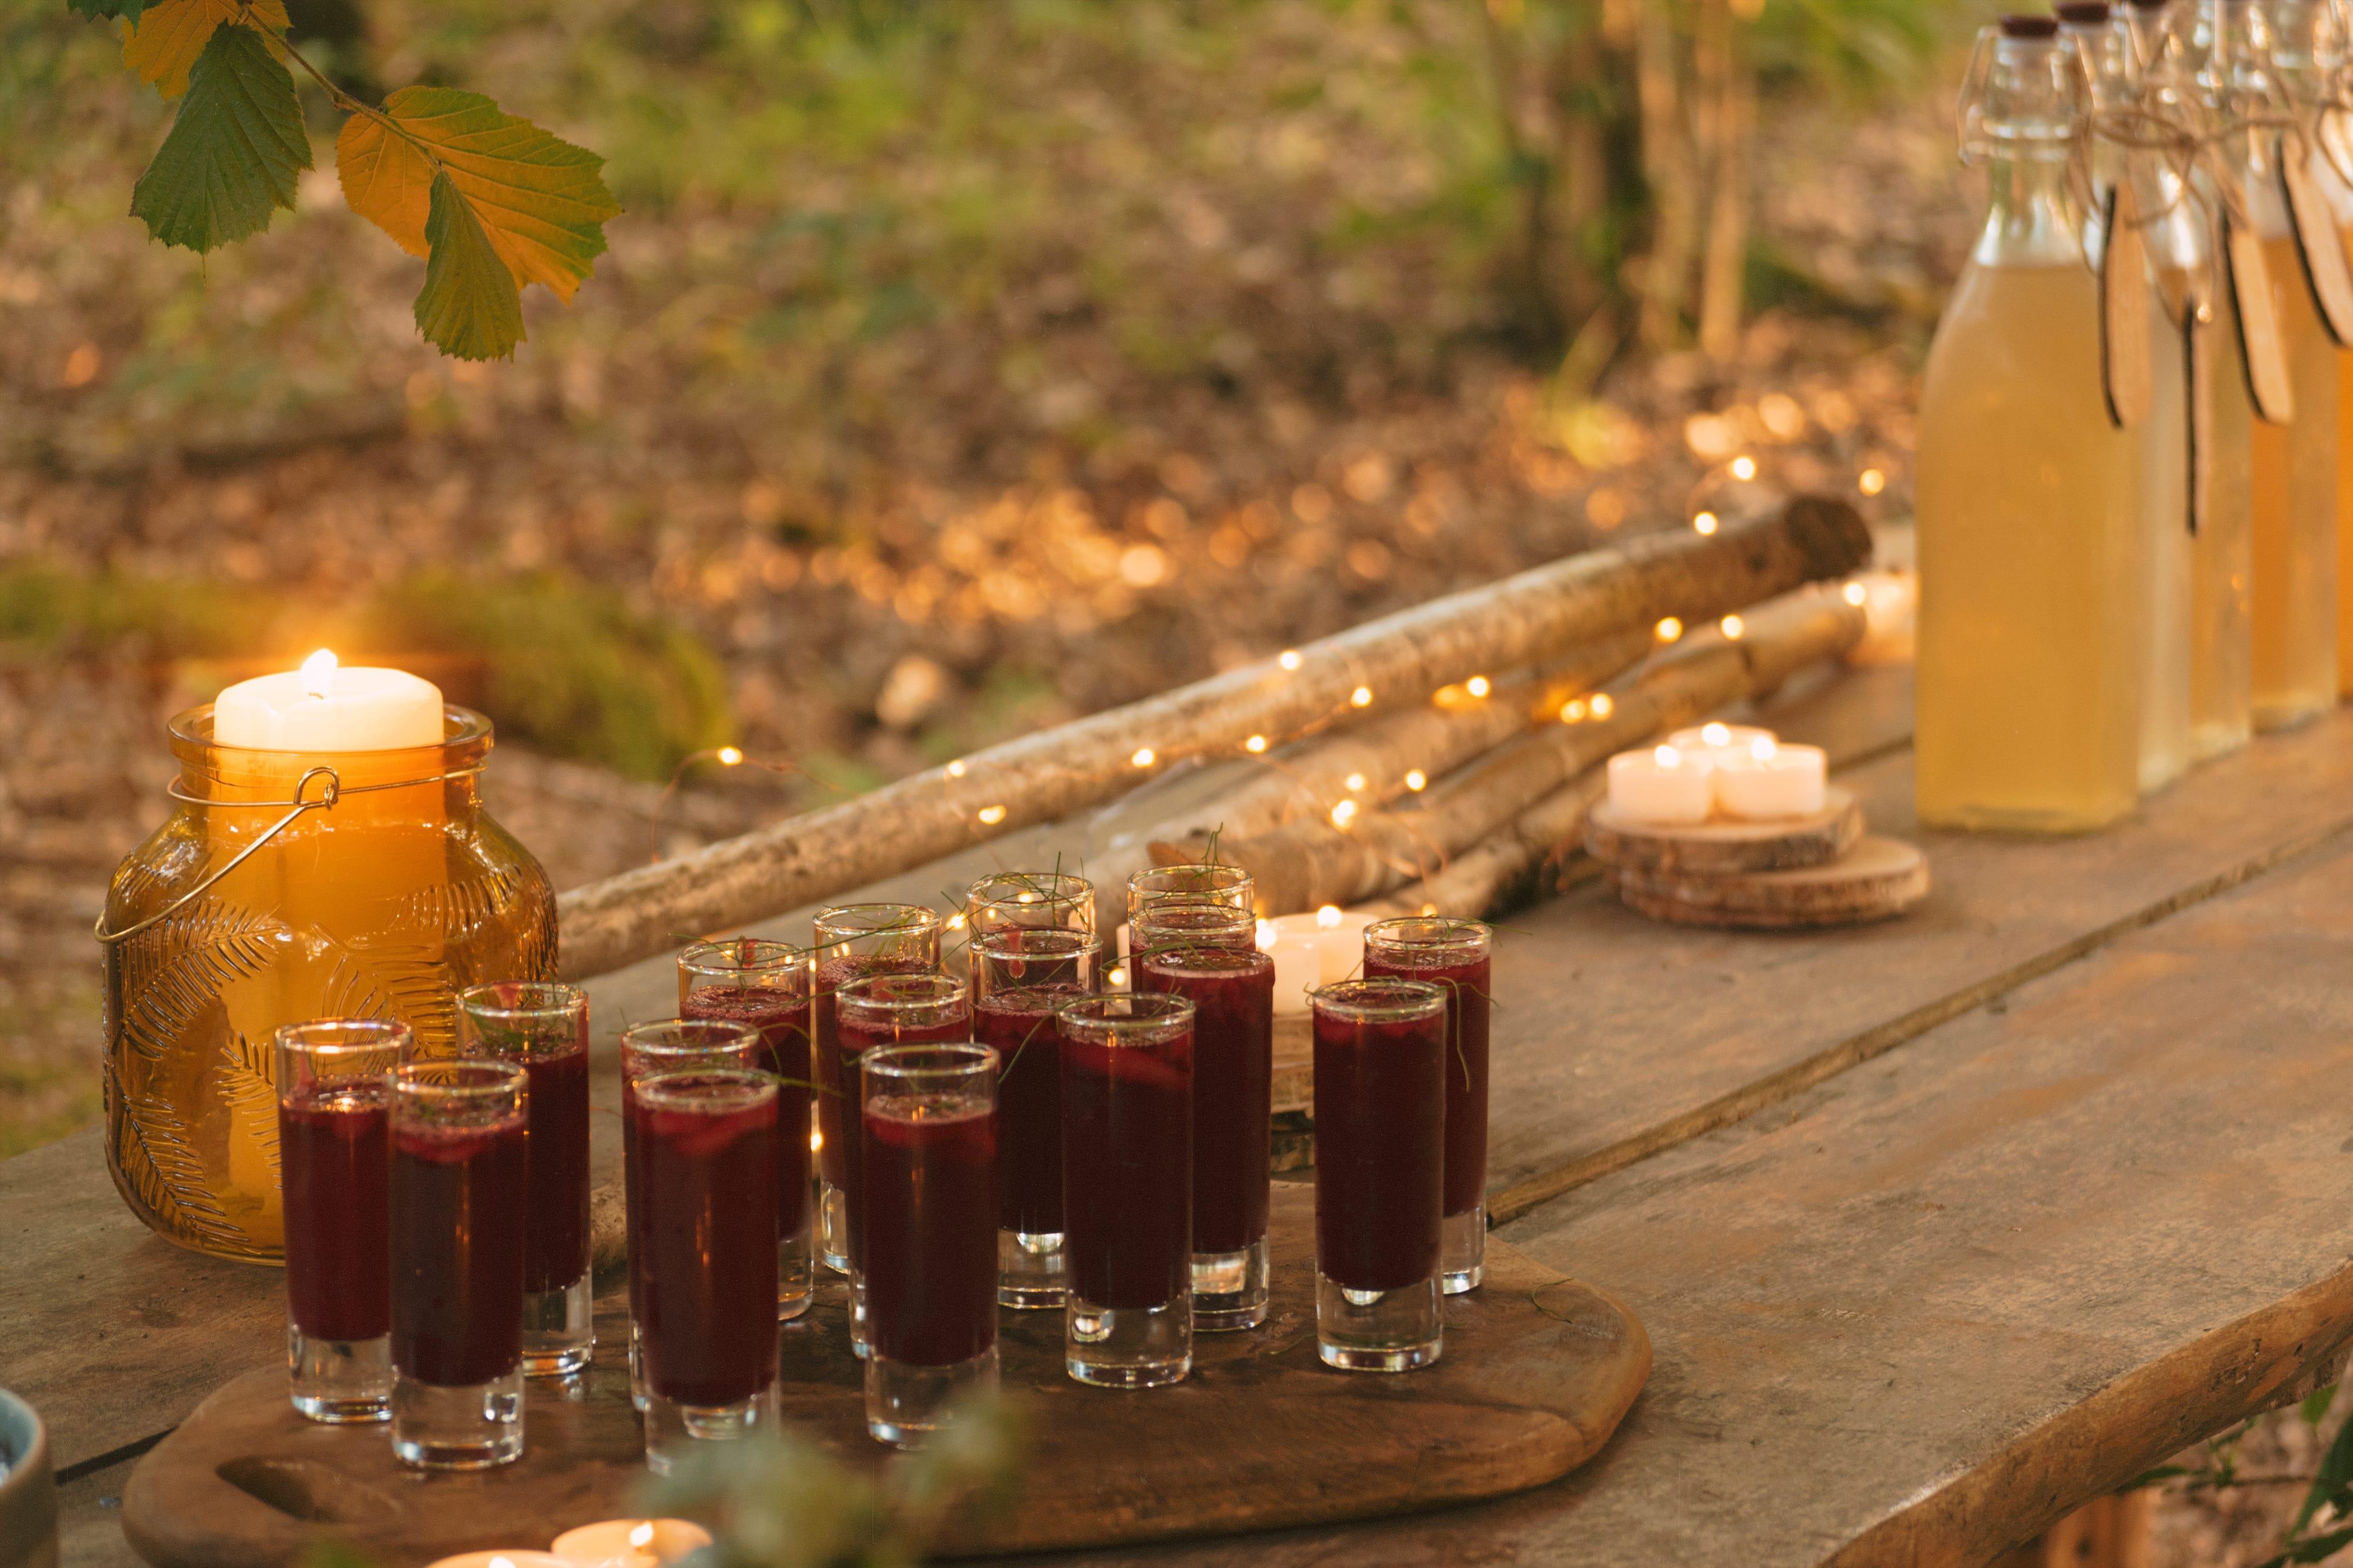 Delicious fruity juice shots